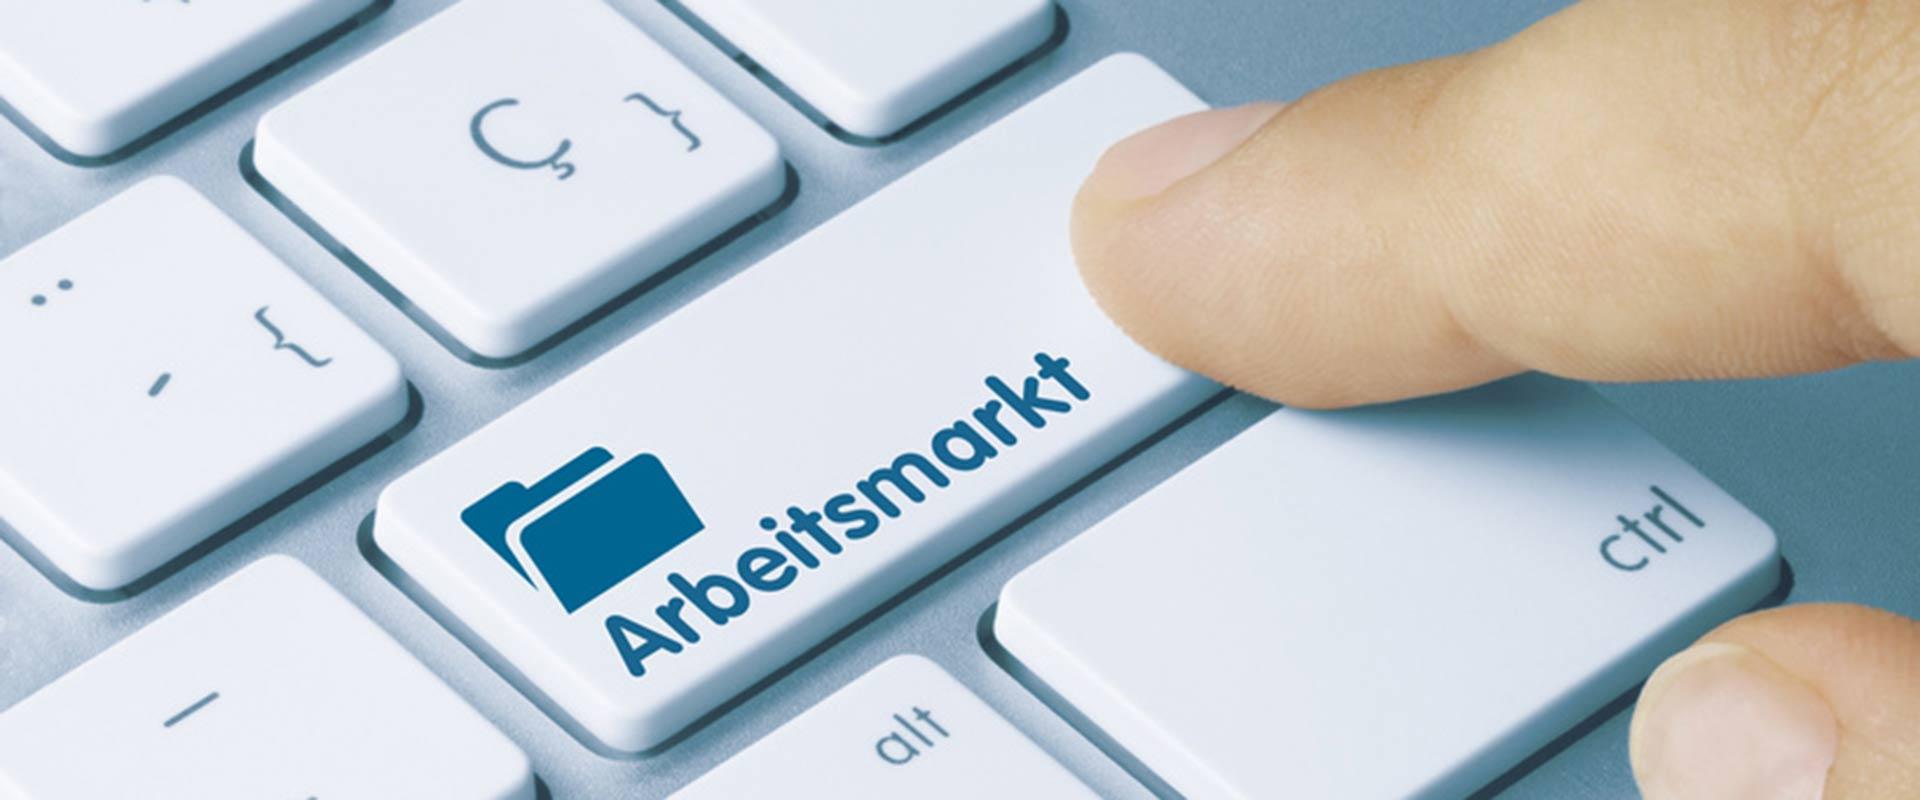 Computertastatur mit Arbeitsmarkt Aufschrift für den Enter Button